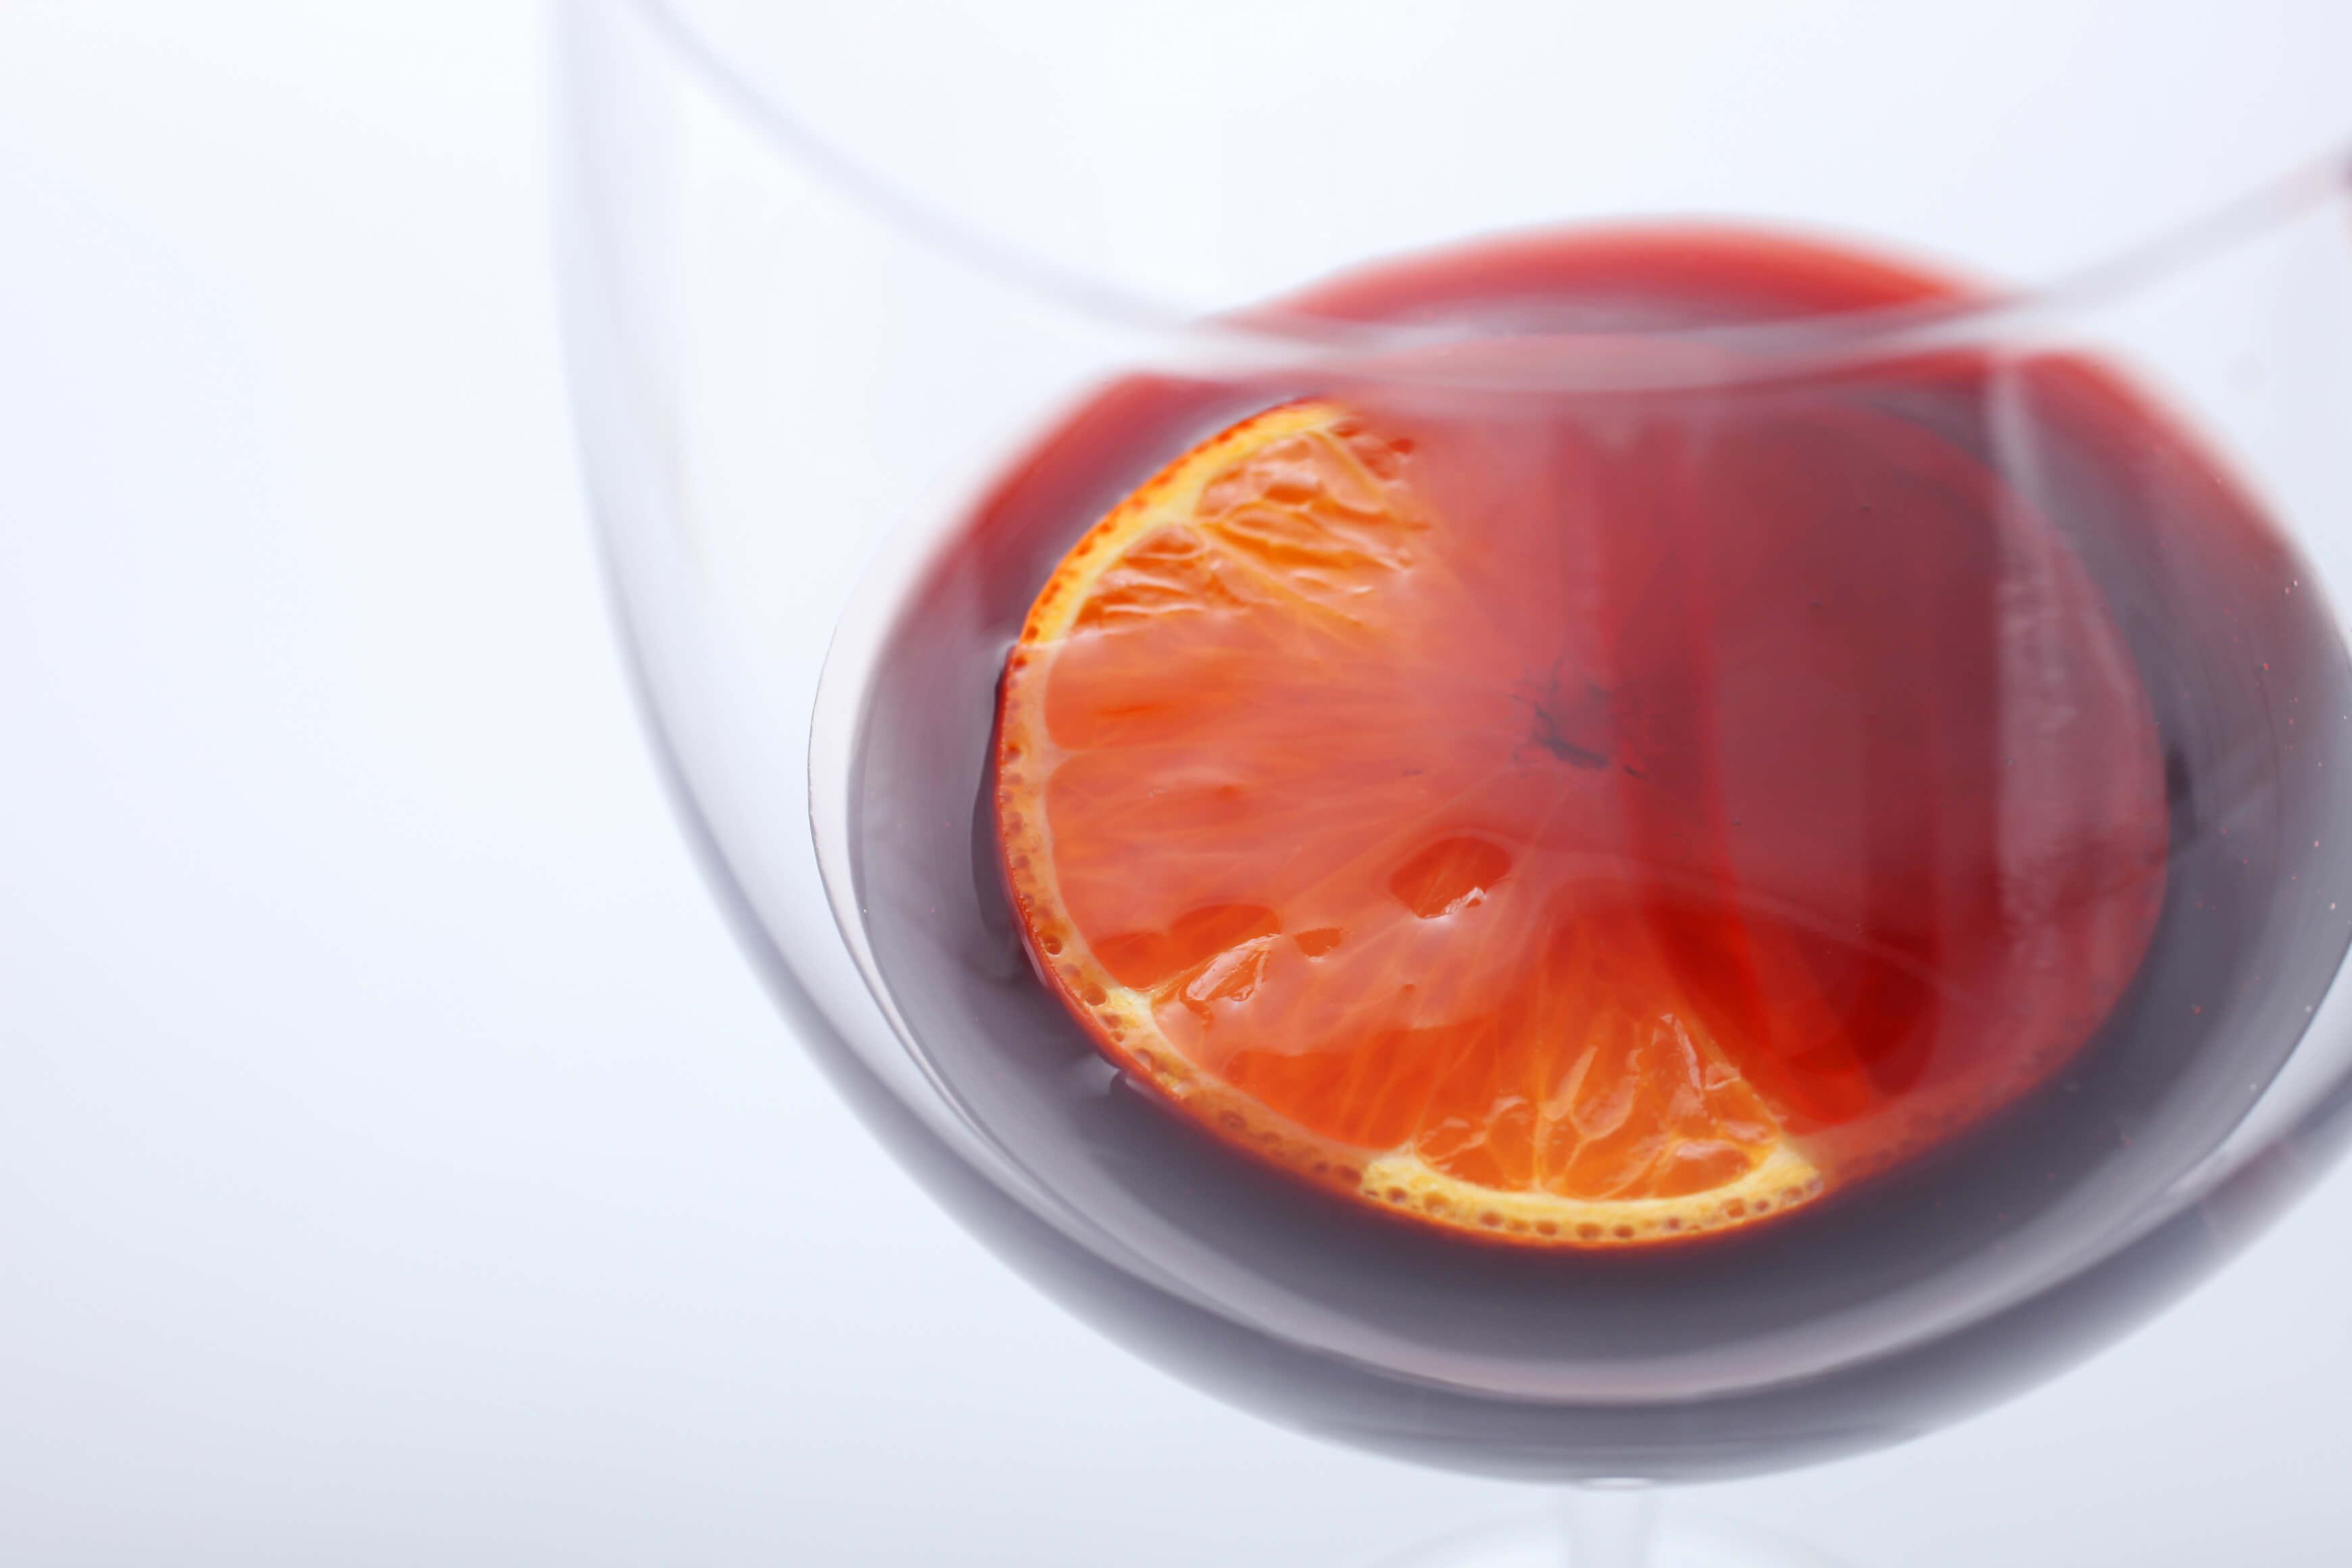 カシスリキュールとオレンジの輪切り